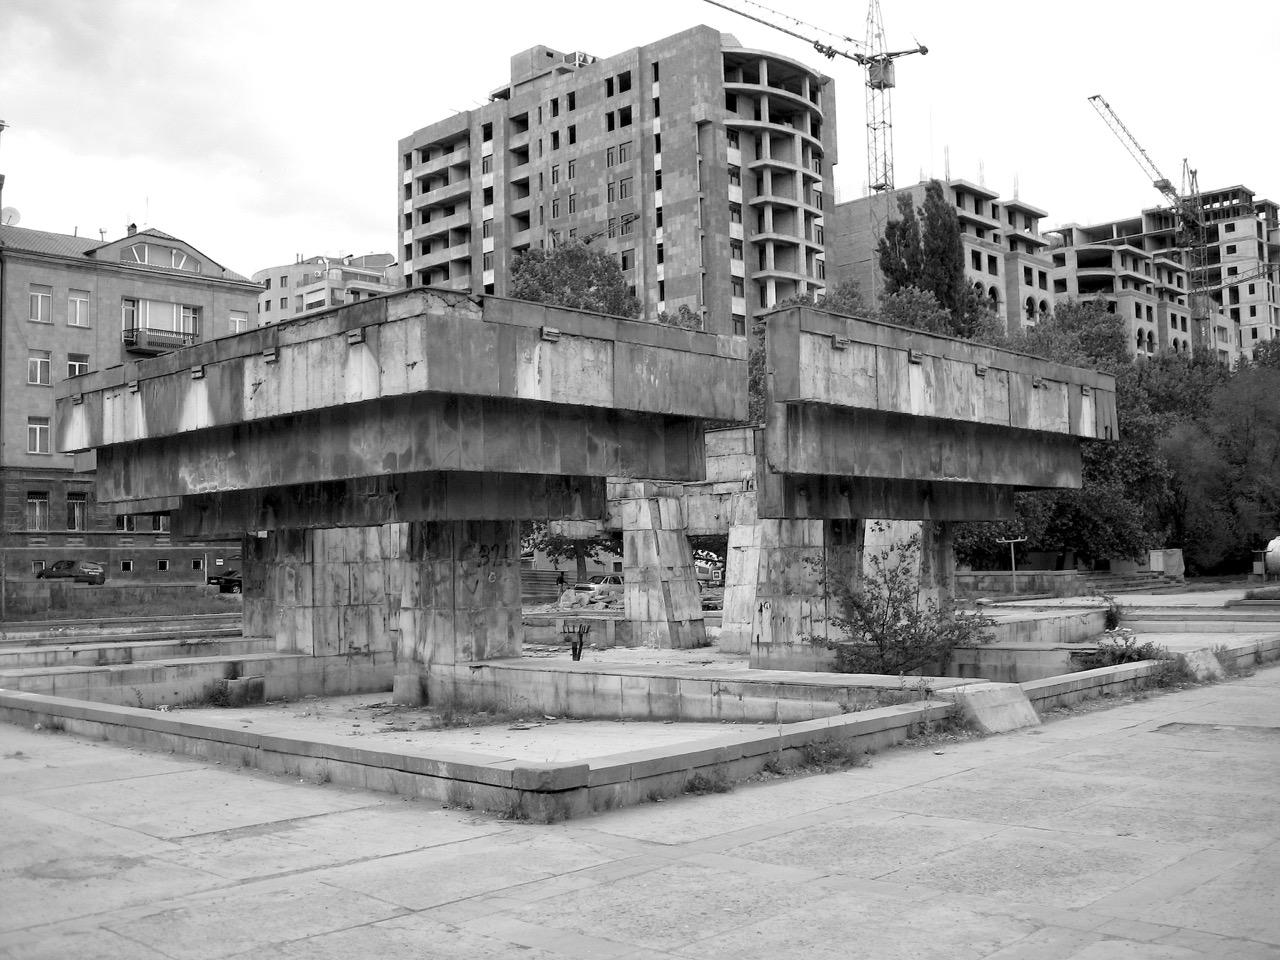 Foto: Rückbau. Aus: Eriwan. Kapitel 2. Aufzeichnungen aus Armenien von Marc Degens.